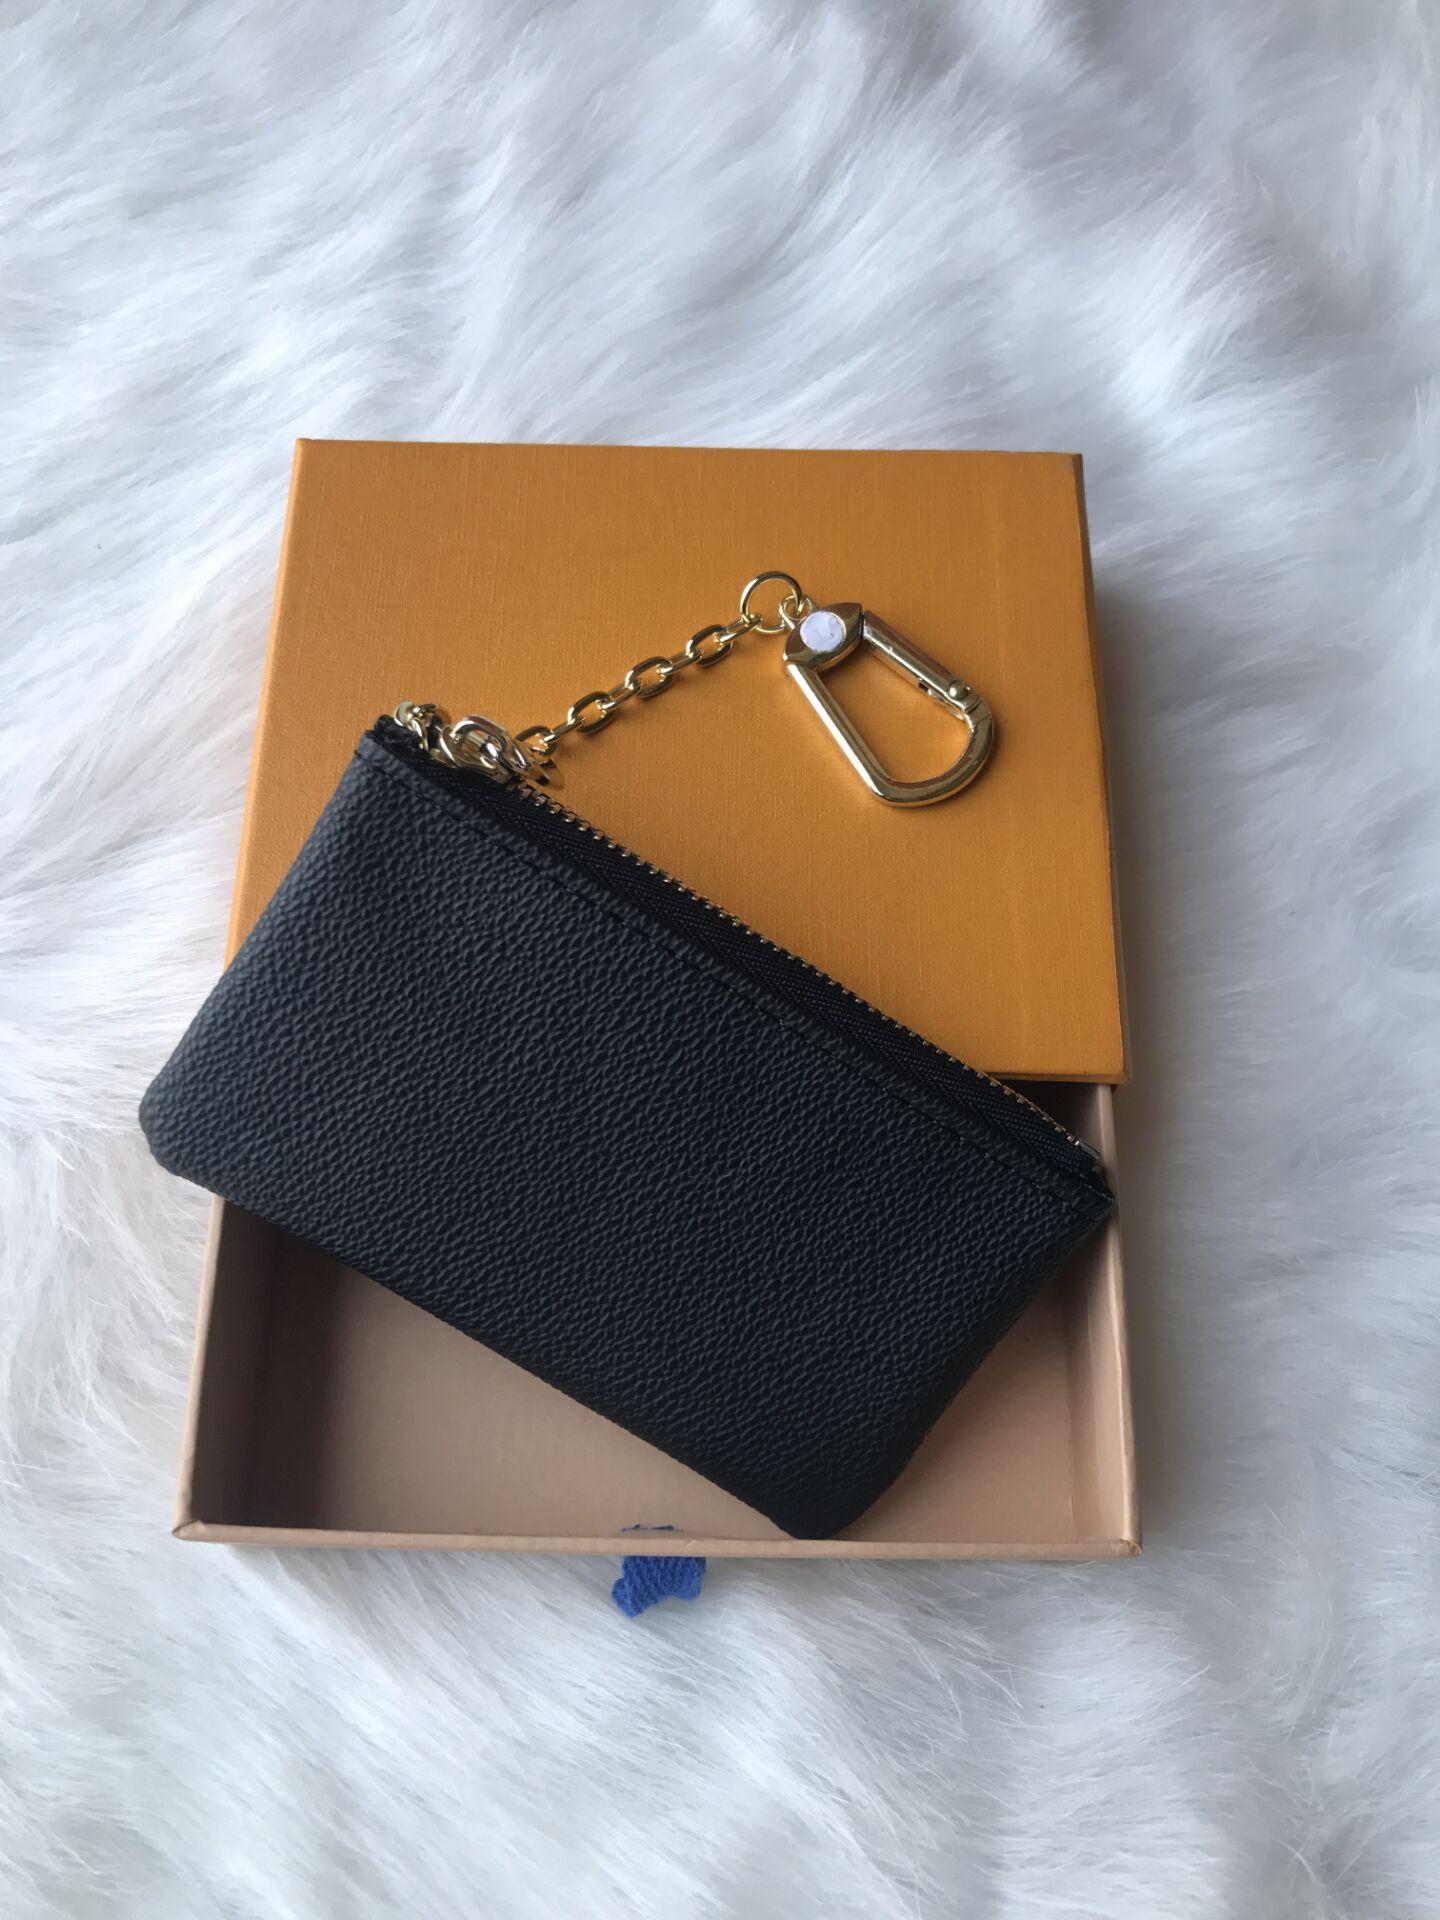 Neuer Designer-Taschen-Geldbeutel-Qualitäts-Leder-Männer kurze Geldbörsen für Frauen Männer Münzengeldbeutel Handtaschen mit freiem Verschiffen des Kastens